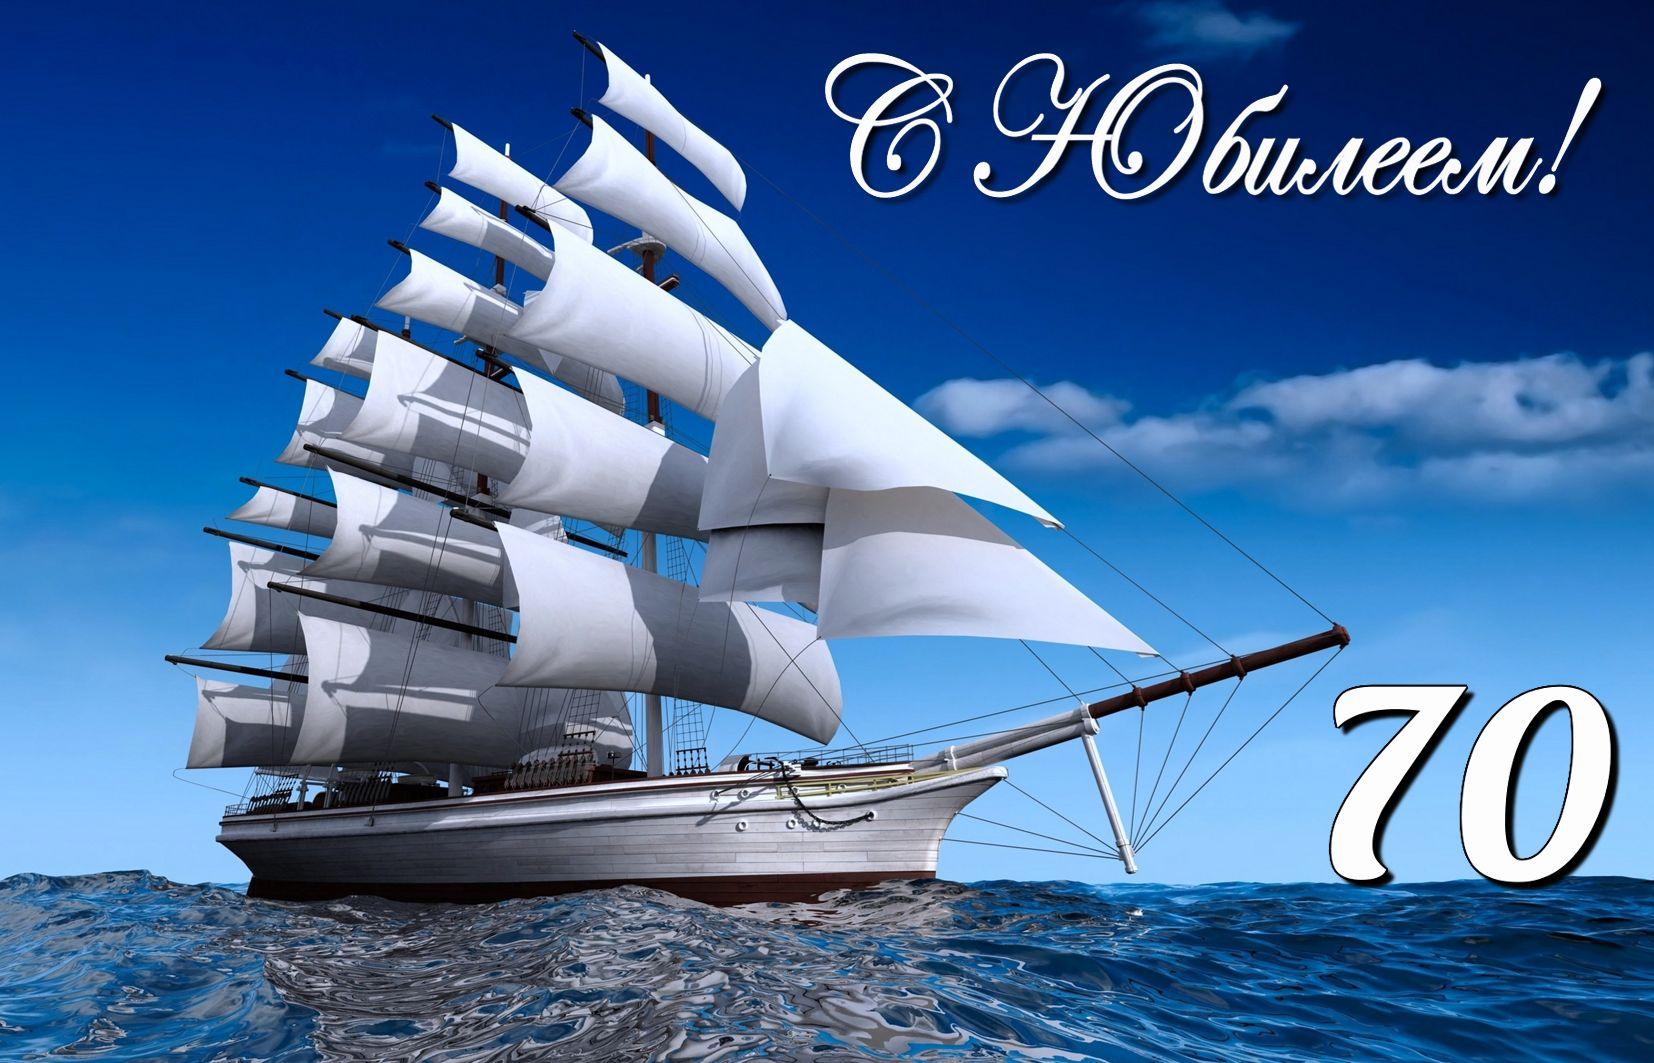 Открытка на юбилей 70 лет - парусник посреди безбрежного океана